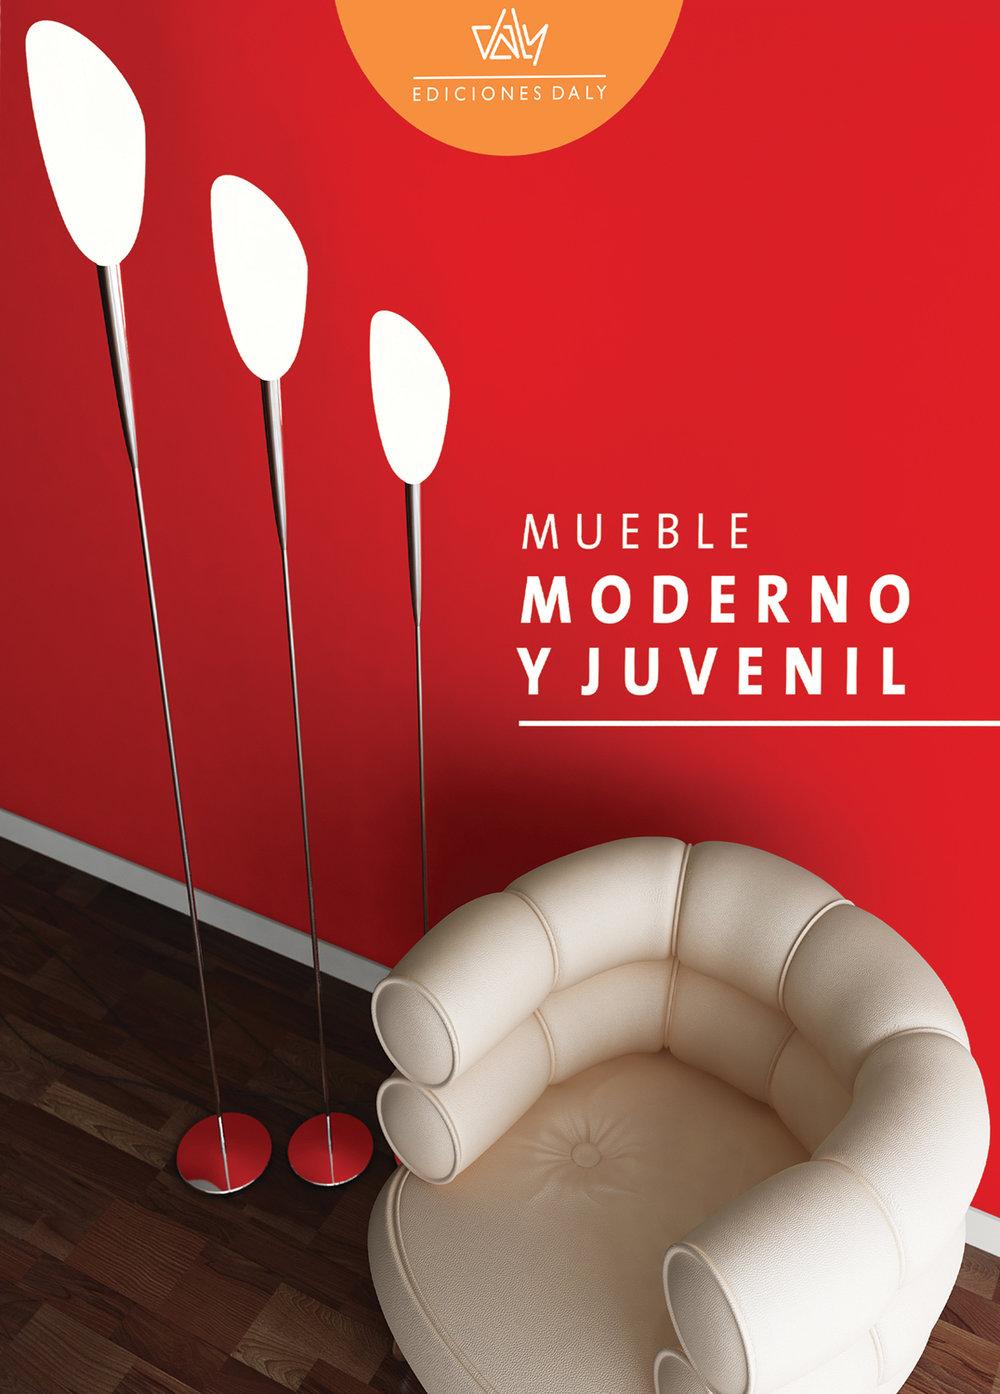 tapa-Mueble_Moderno_Juvenil.jpg